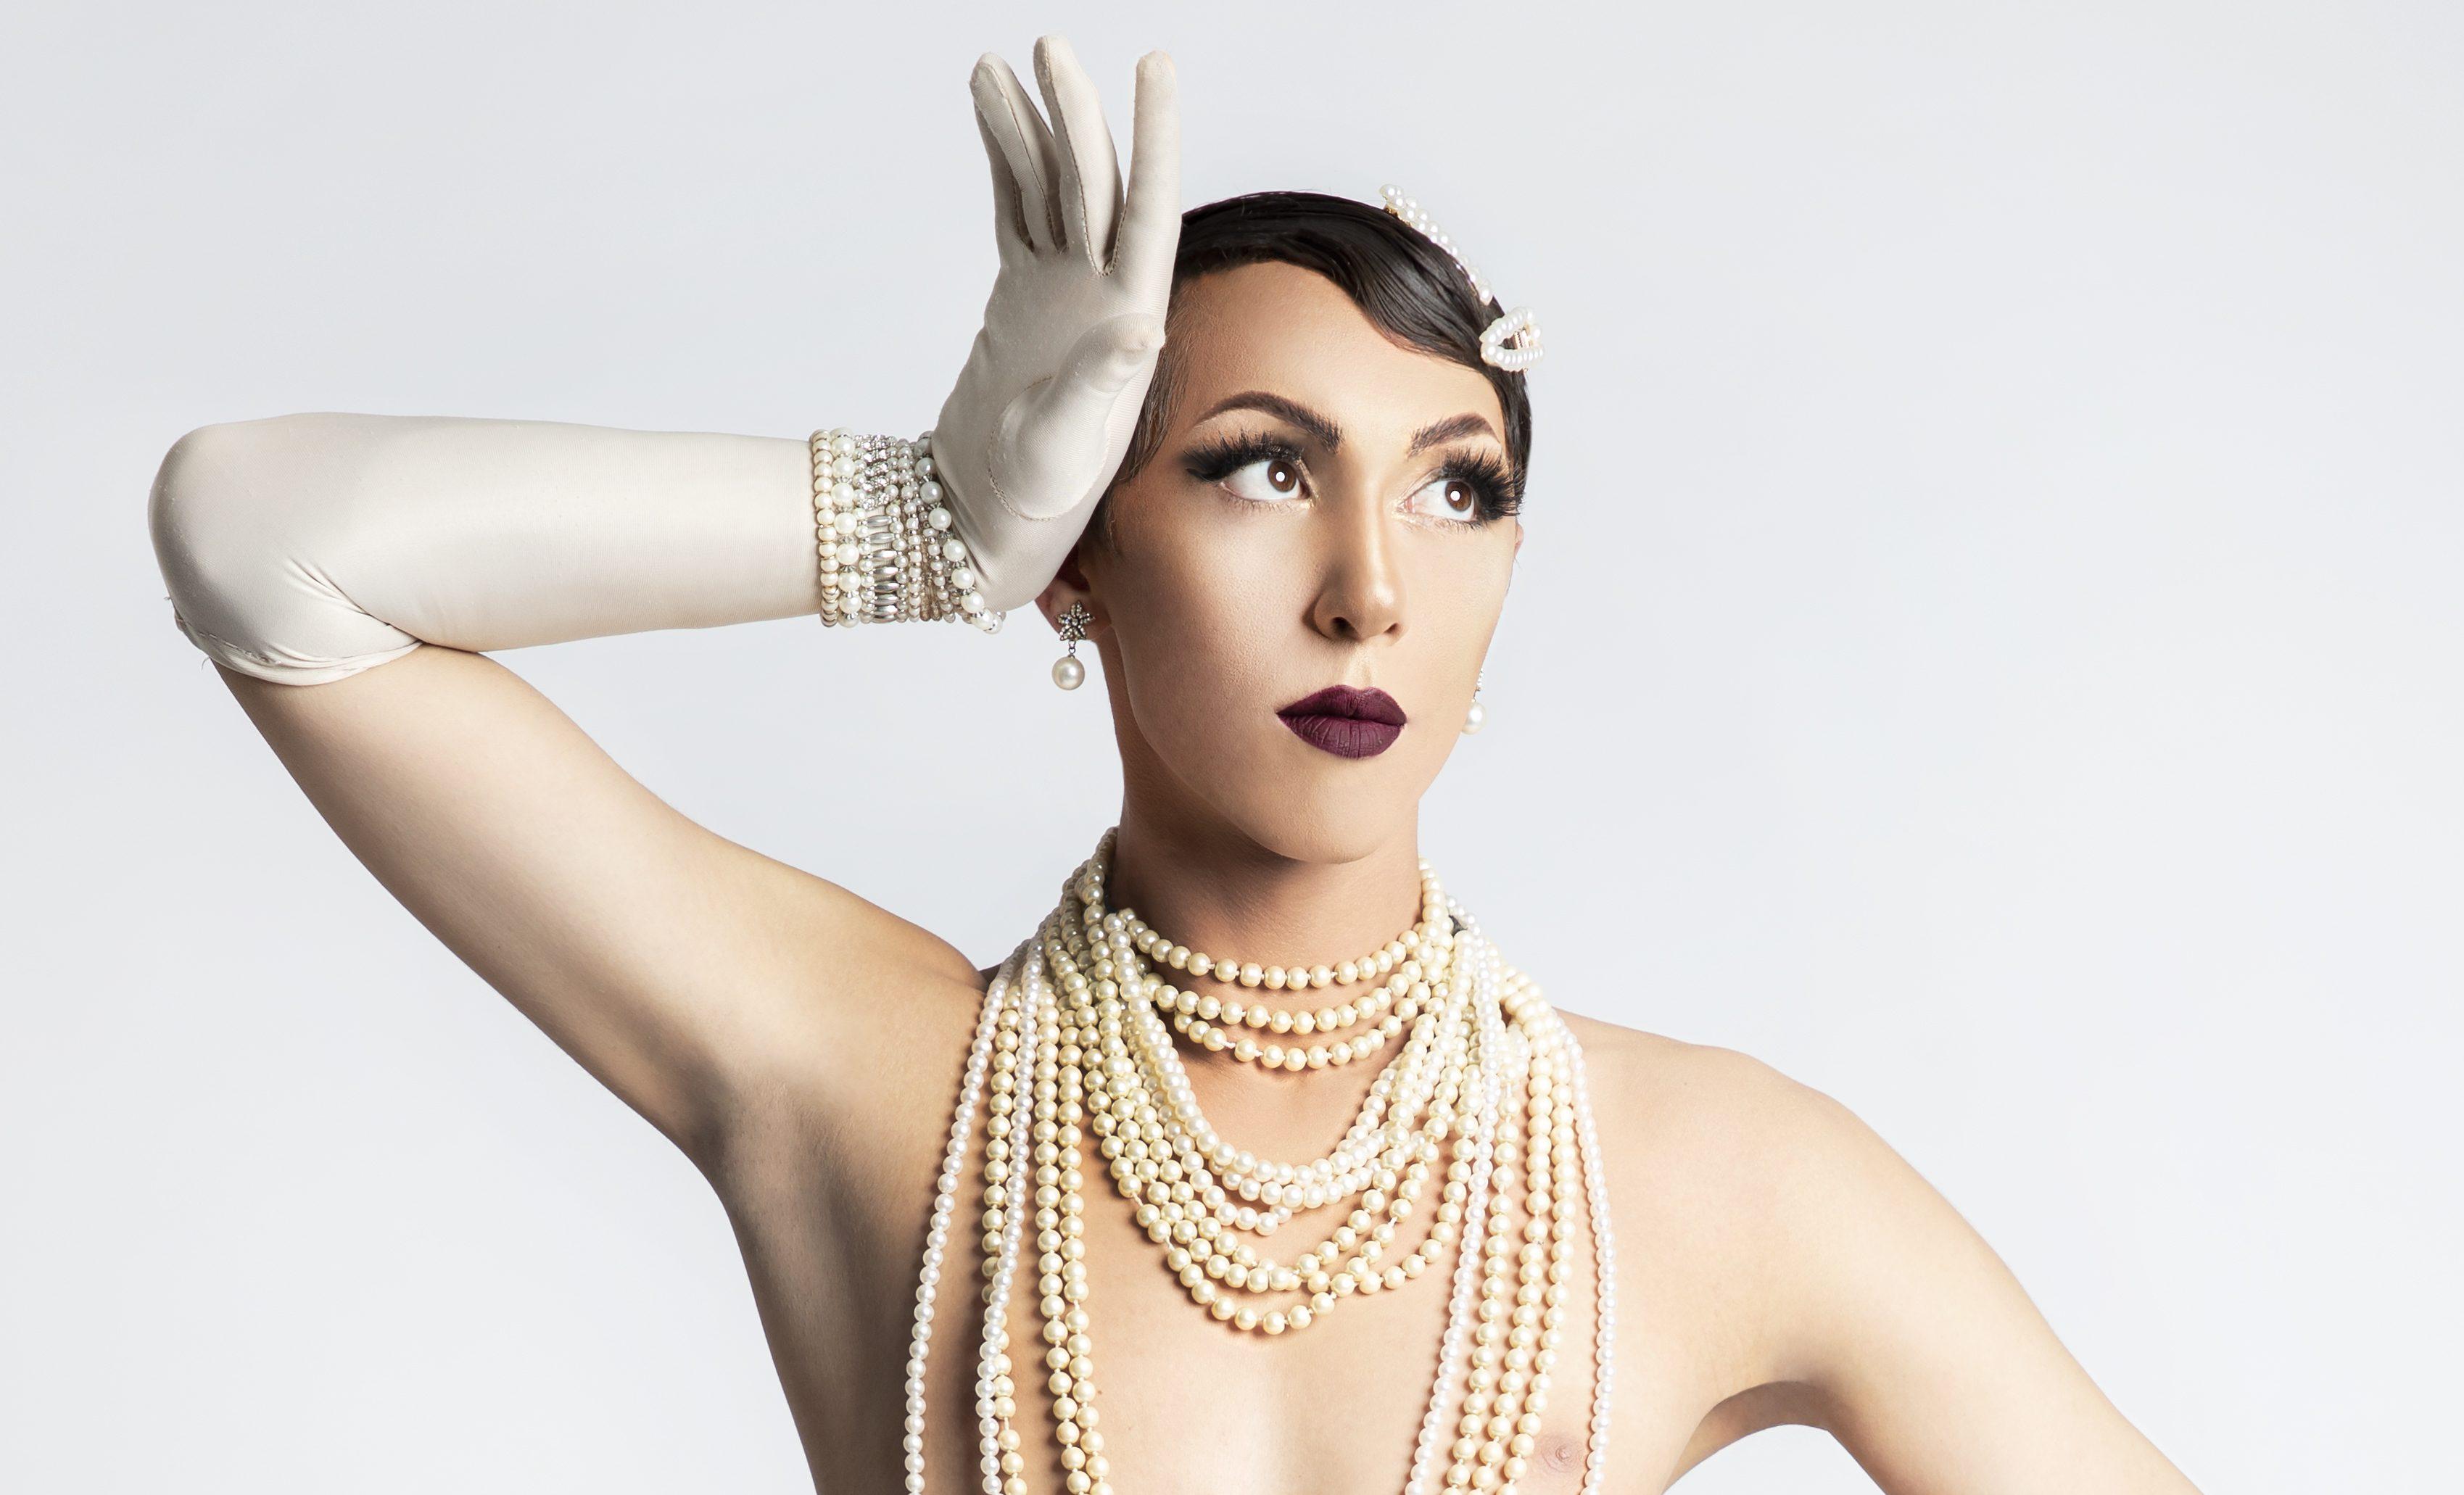 «Η µεγαλύτερη µάχη που πρέπει να δώσει ένας drag artist σήµερα στην Ελλάδα είναι να αντιµετωπίσει τις προσωπικές του µάχες»: O drag artist  Θέµης Θεοχάρογλου (aka Holly Grace) στο ELLE Συνομιλούμε με πλάσματα που γράφουν τo ελληνικό «τώρα» με τα χέρια, το μυαλό, την καρδιά, τις ιδέες, το κορμί τους, χρησιμοποιώντας λέξεις, υφάσματα, υλικά και άυλα. Είναι αυτοί, αυτές και everything between που αξίζουν να τους γνωρίσουμε, να τους υποστηρίξουμε και να ακούσουμε τι έχουν να μας πουν. Όλοι μαζί μπορεί και να κάνουμε αυτό το «τώρα» ένα καλύτερο, δυνατότερο και σοφότερο μέλλον. Ένα τέτοιο πλάσμα είναι ο drag artist  Θέµης Θεοχάρογλου (aka Holly Grace).